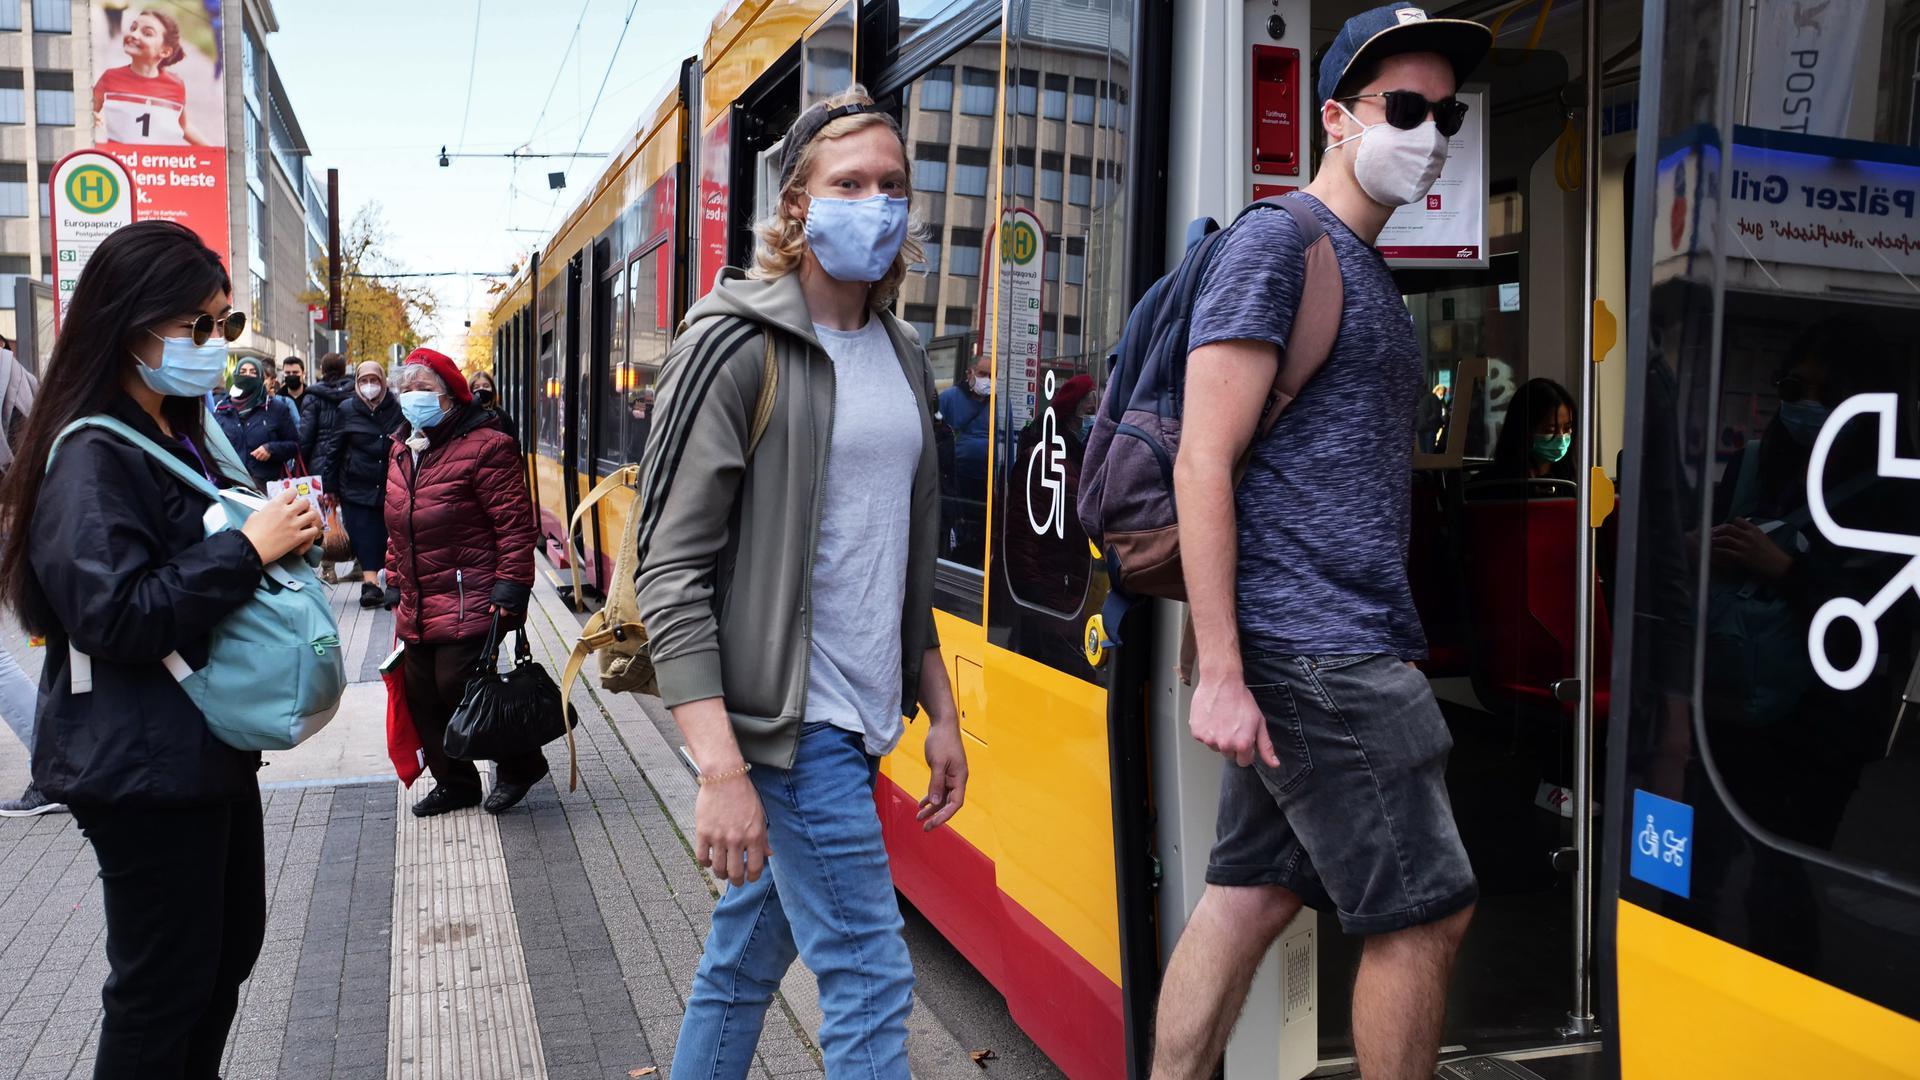 Nur mit Maske: Die Passagiere der Straßenbahn halten sich an das Hygienegebot. Schon auf dem Bahnsteig tragen die allermeisten den Mund-Nasen-Schutz.